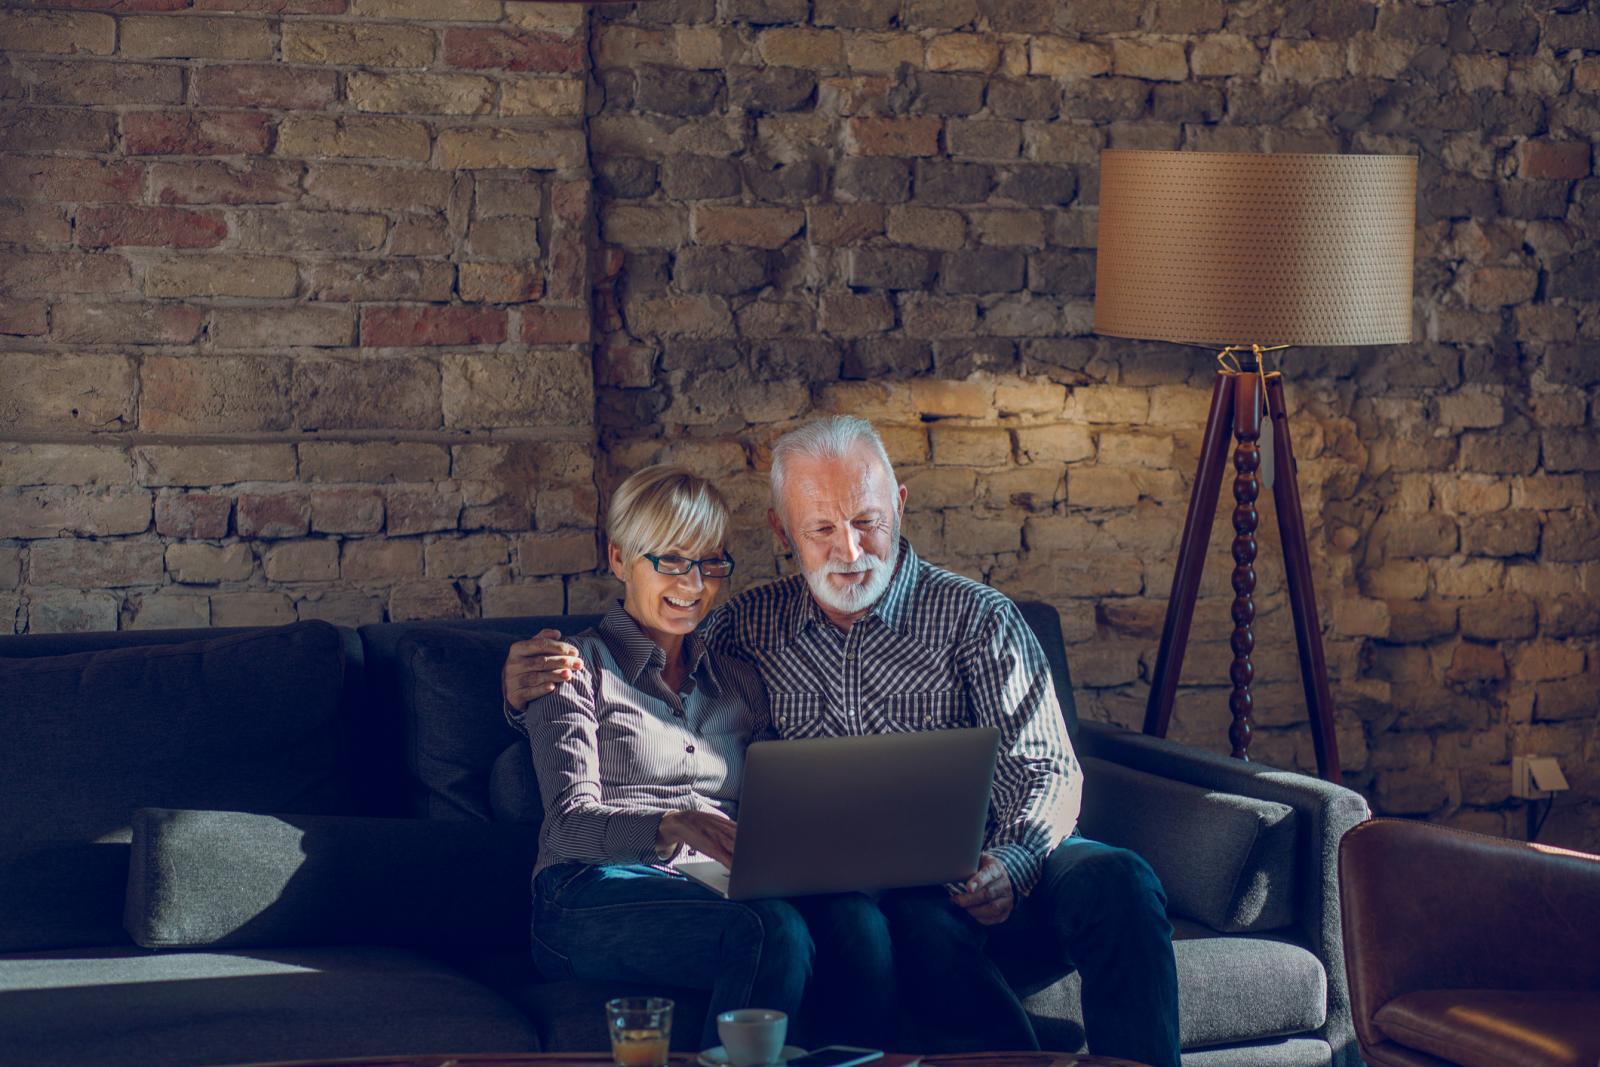 Rak jetre se javlja češće u muškaraca nego u žena, te u osoba starijih od 60 godina.